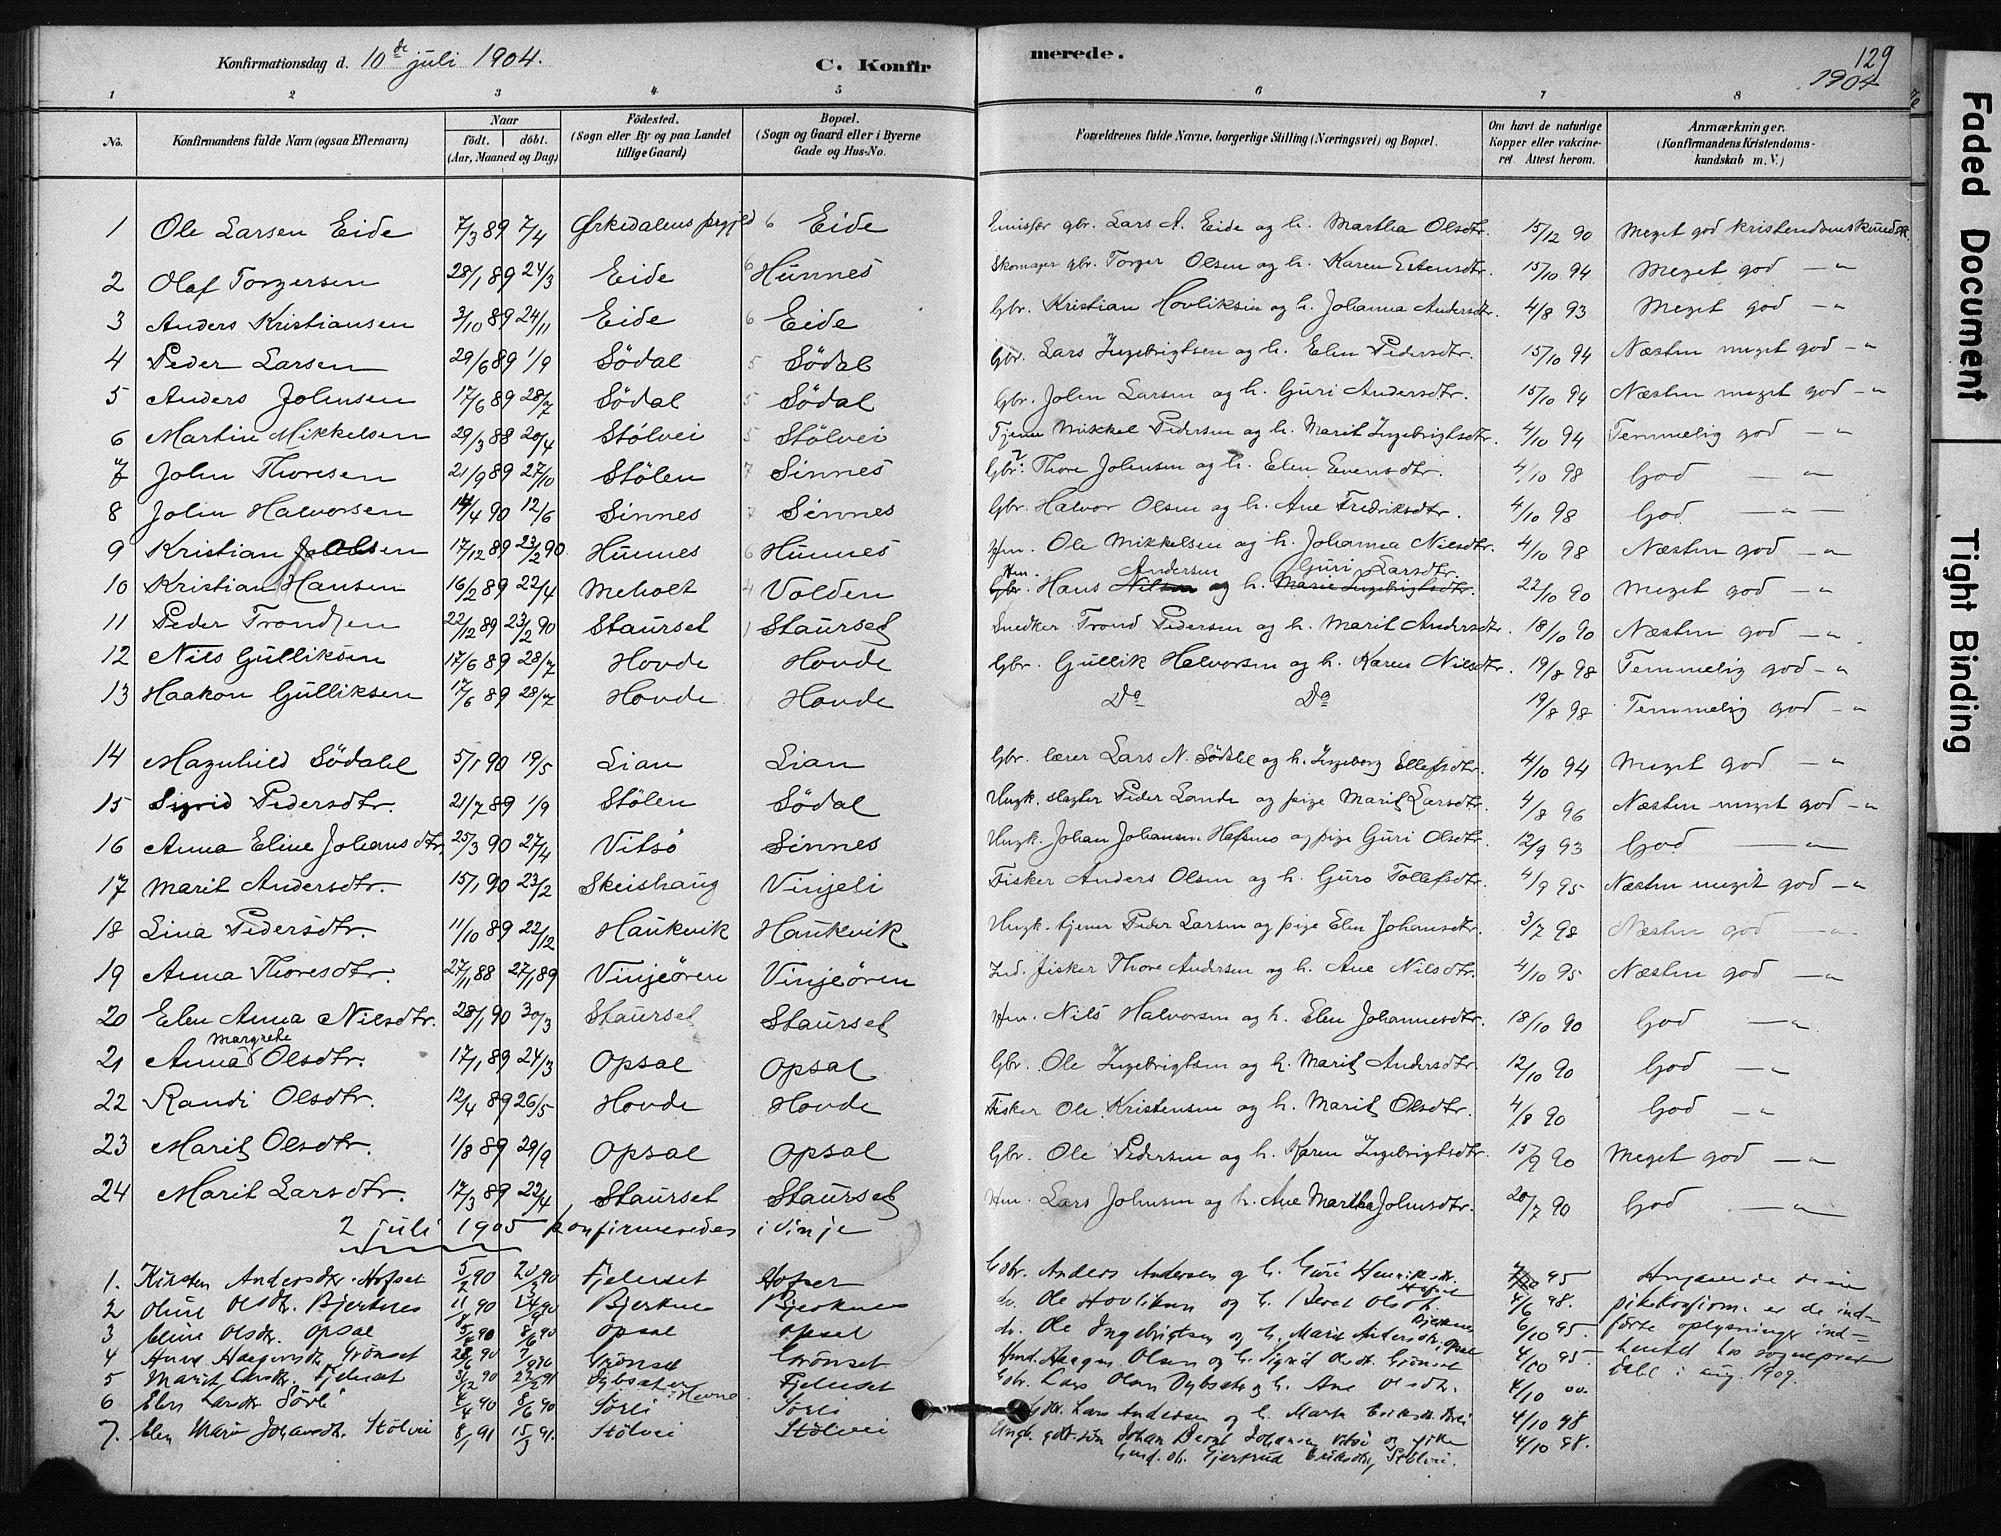 SAT, Ministerialprotokoller, klokkerbøker og fødselsregistre - Sør-Trøndelag, 631/L0512: Ministerialbok nr. 631A01, 1879-1912, s. 129